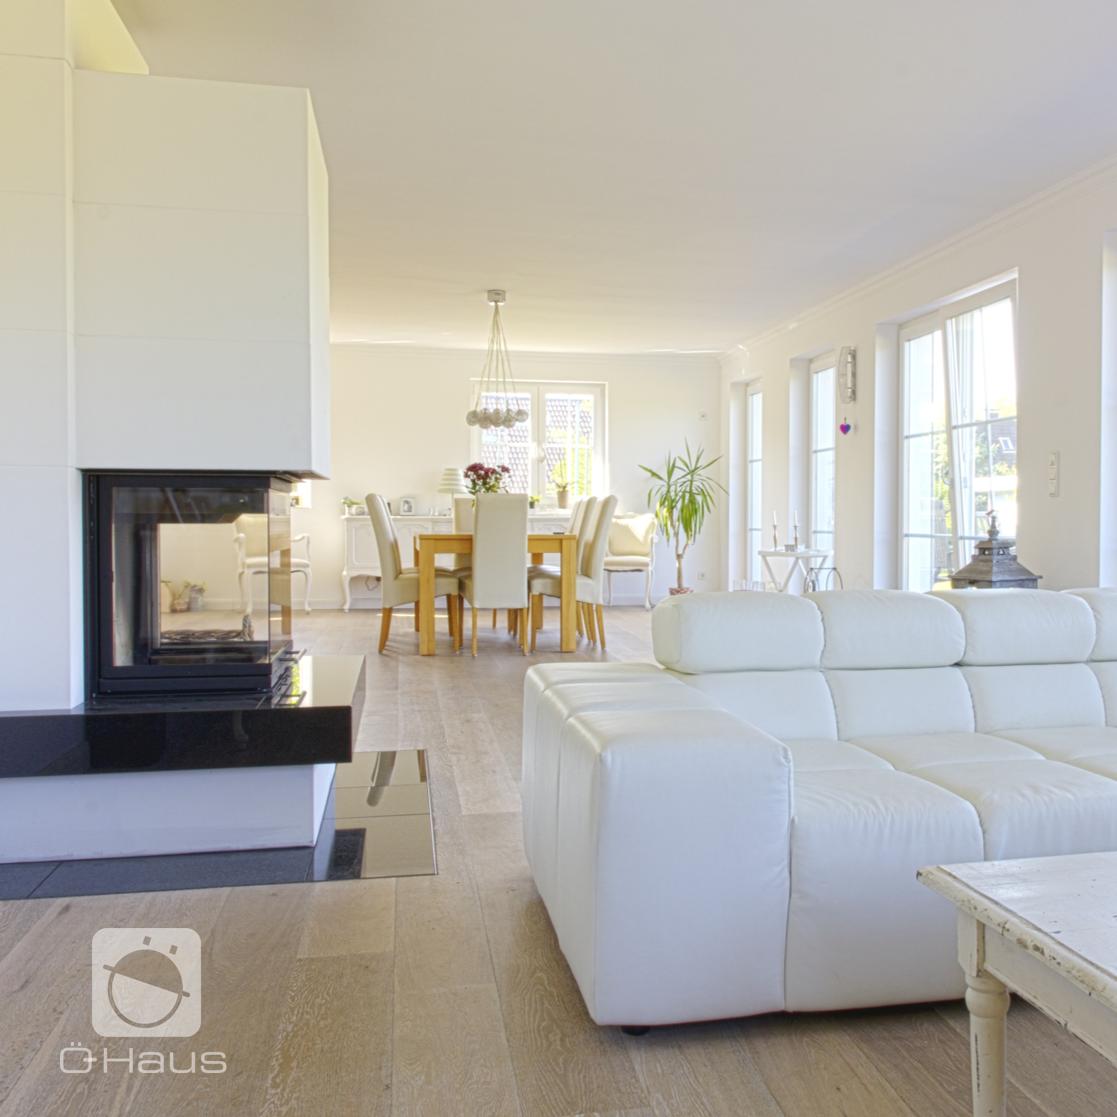 sch nes gro es und lichtdurchflutetes wohnzimmer mit. Black Bedroom Furniture Sets. Home Design Ideas